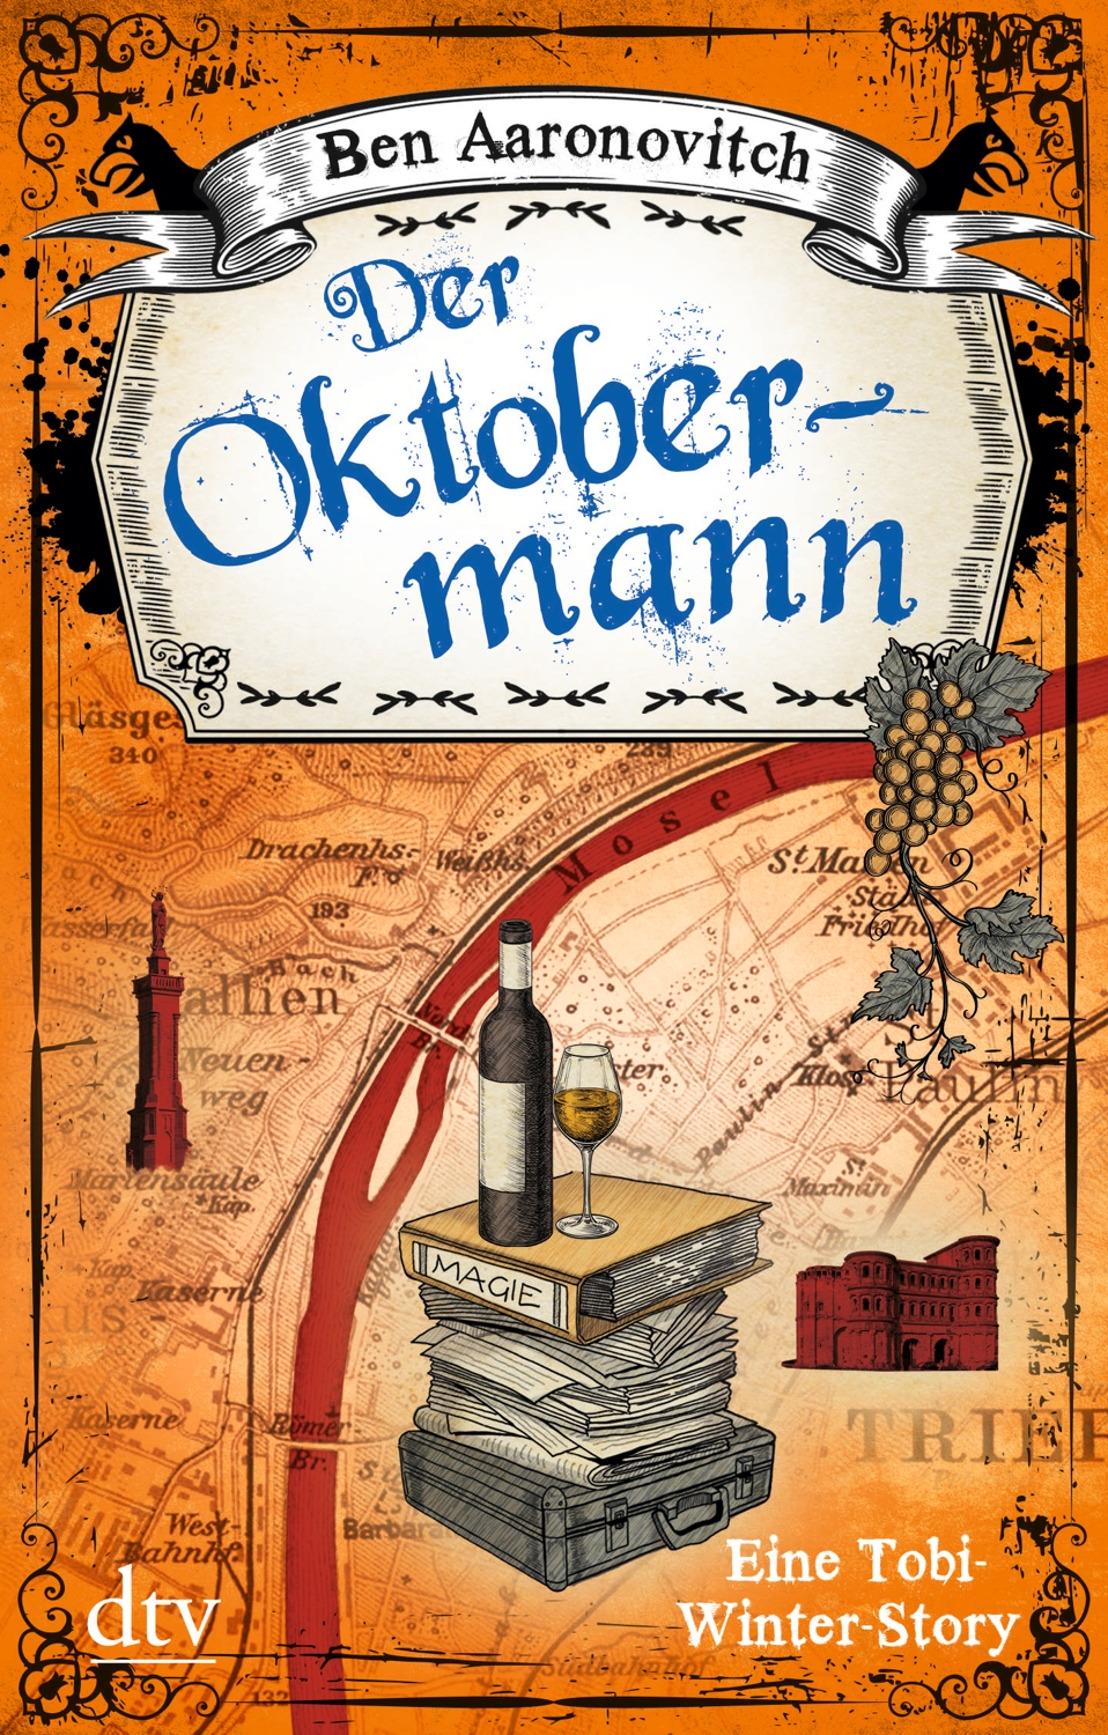 Magischer Oktober: Ben Aaronovitch liest bei Hugendubel